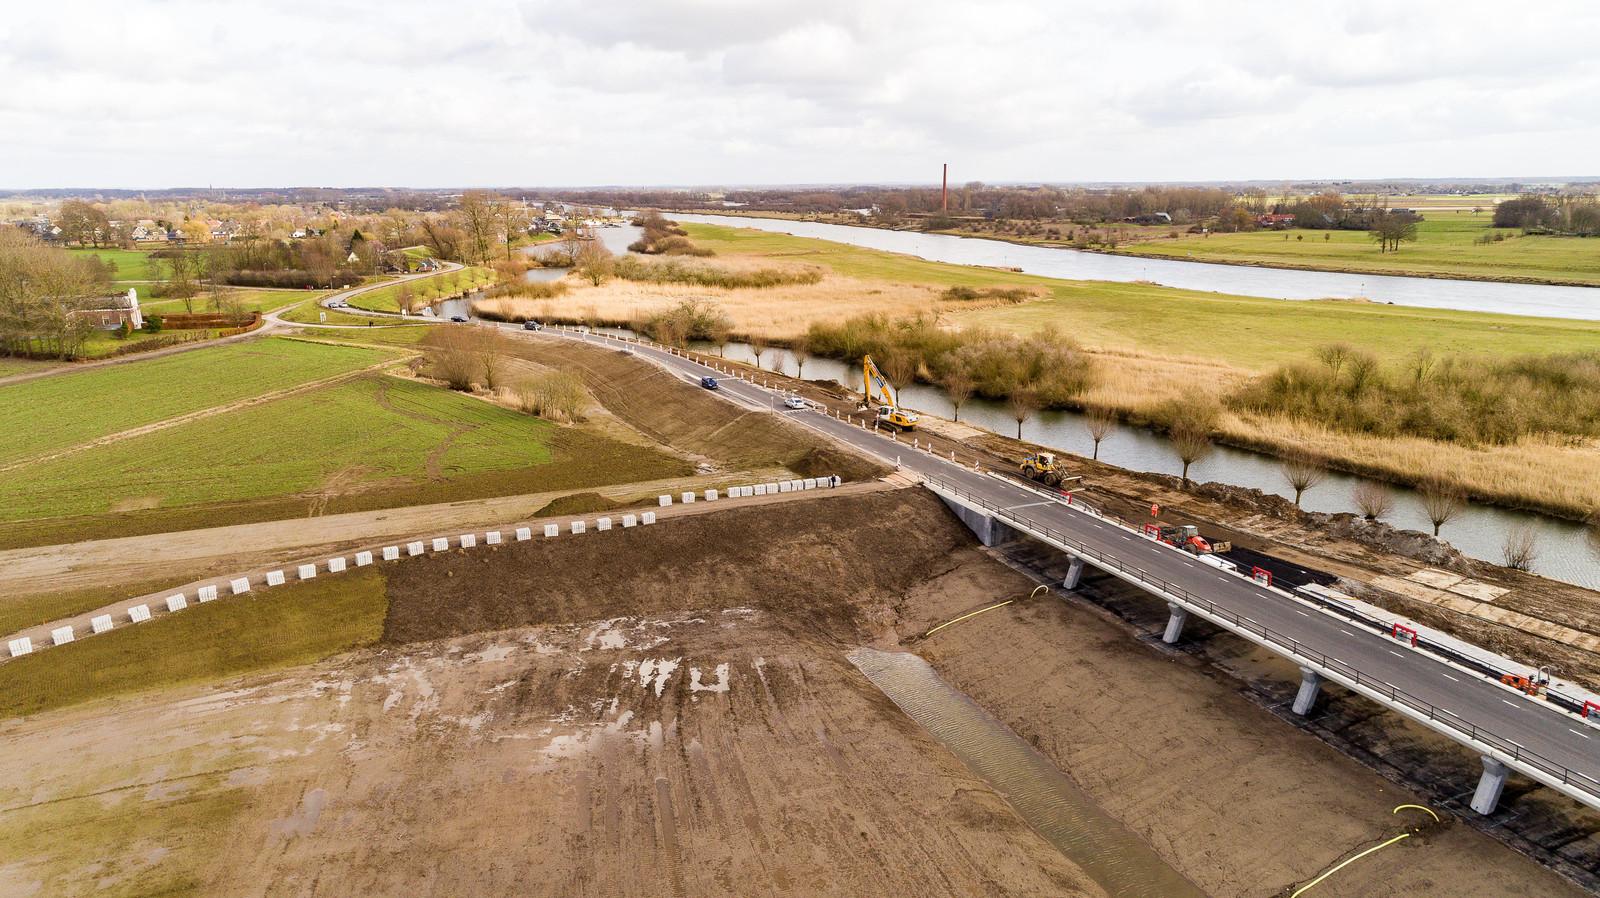 VEESSEN / HEERDE - Aanleg viaduct met inlaatkleppen in hoogwatergeul. ©Wilbert Bijzitter